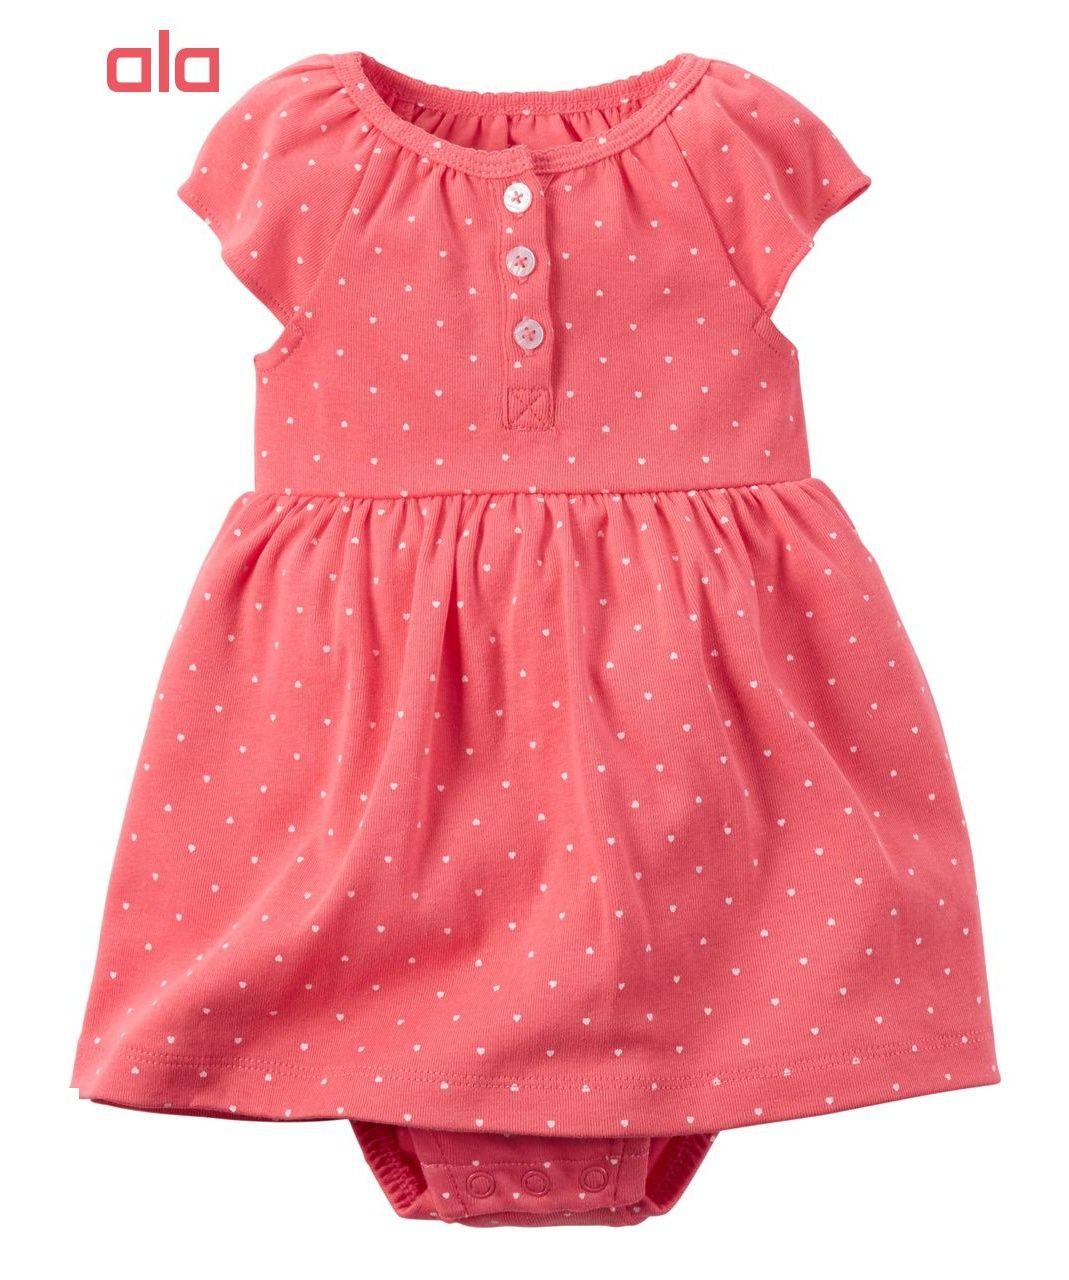 ست 2 تکه لباس نوزادی دخترانه کارترز مدل 840 -  - 2